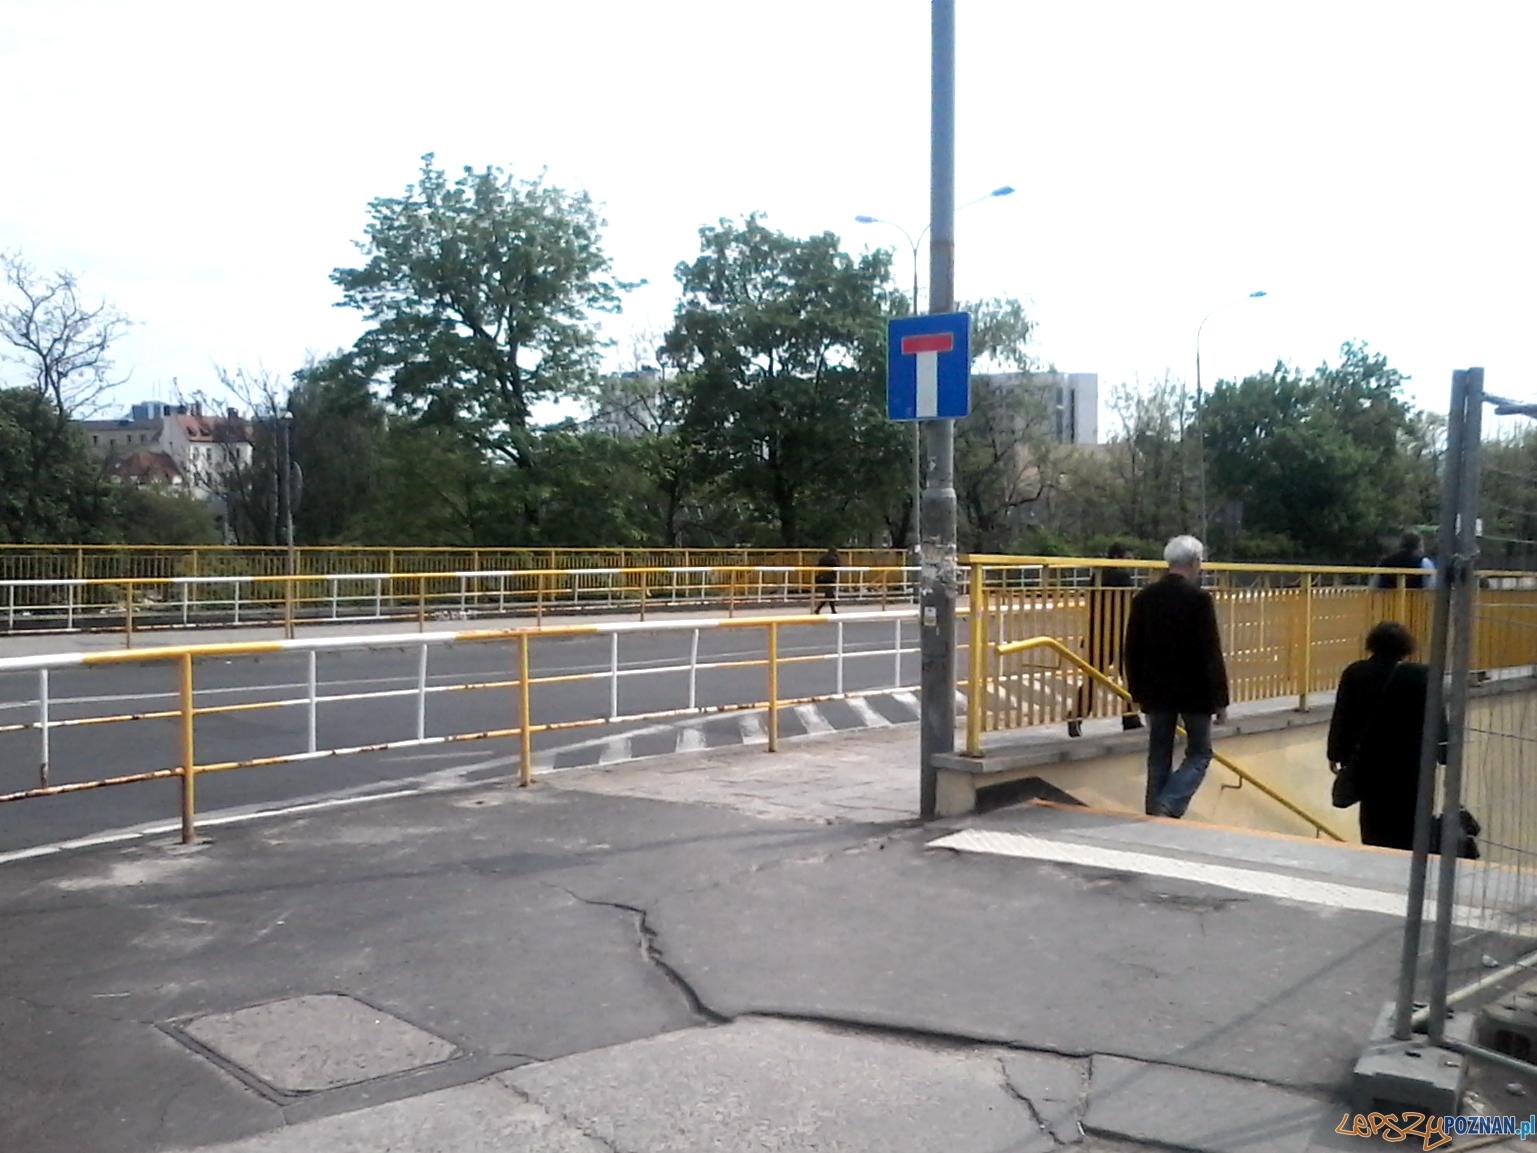 Przejście dla pieszych na Dworcowej  Foto: Paweł Sztando